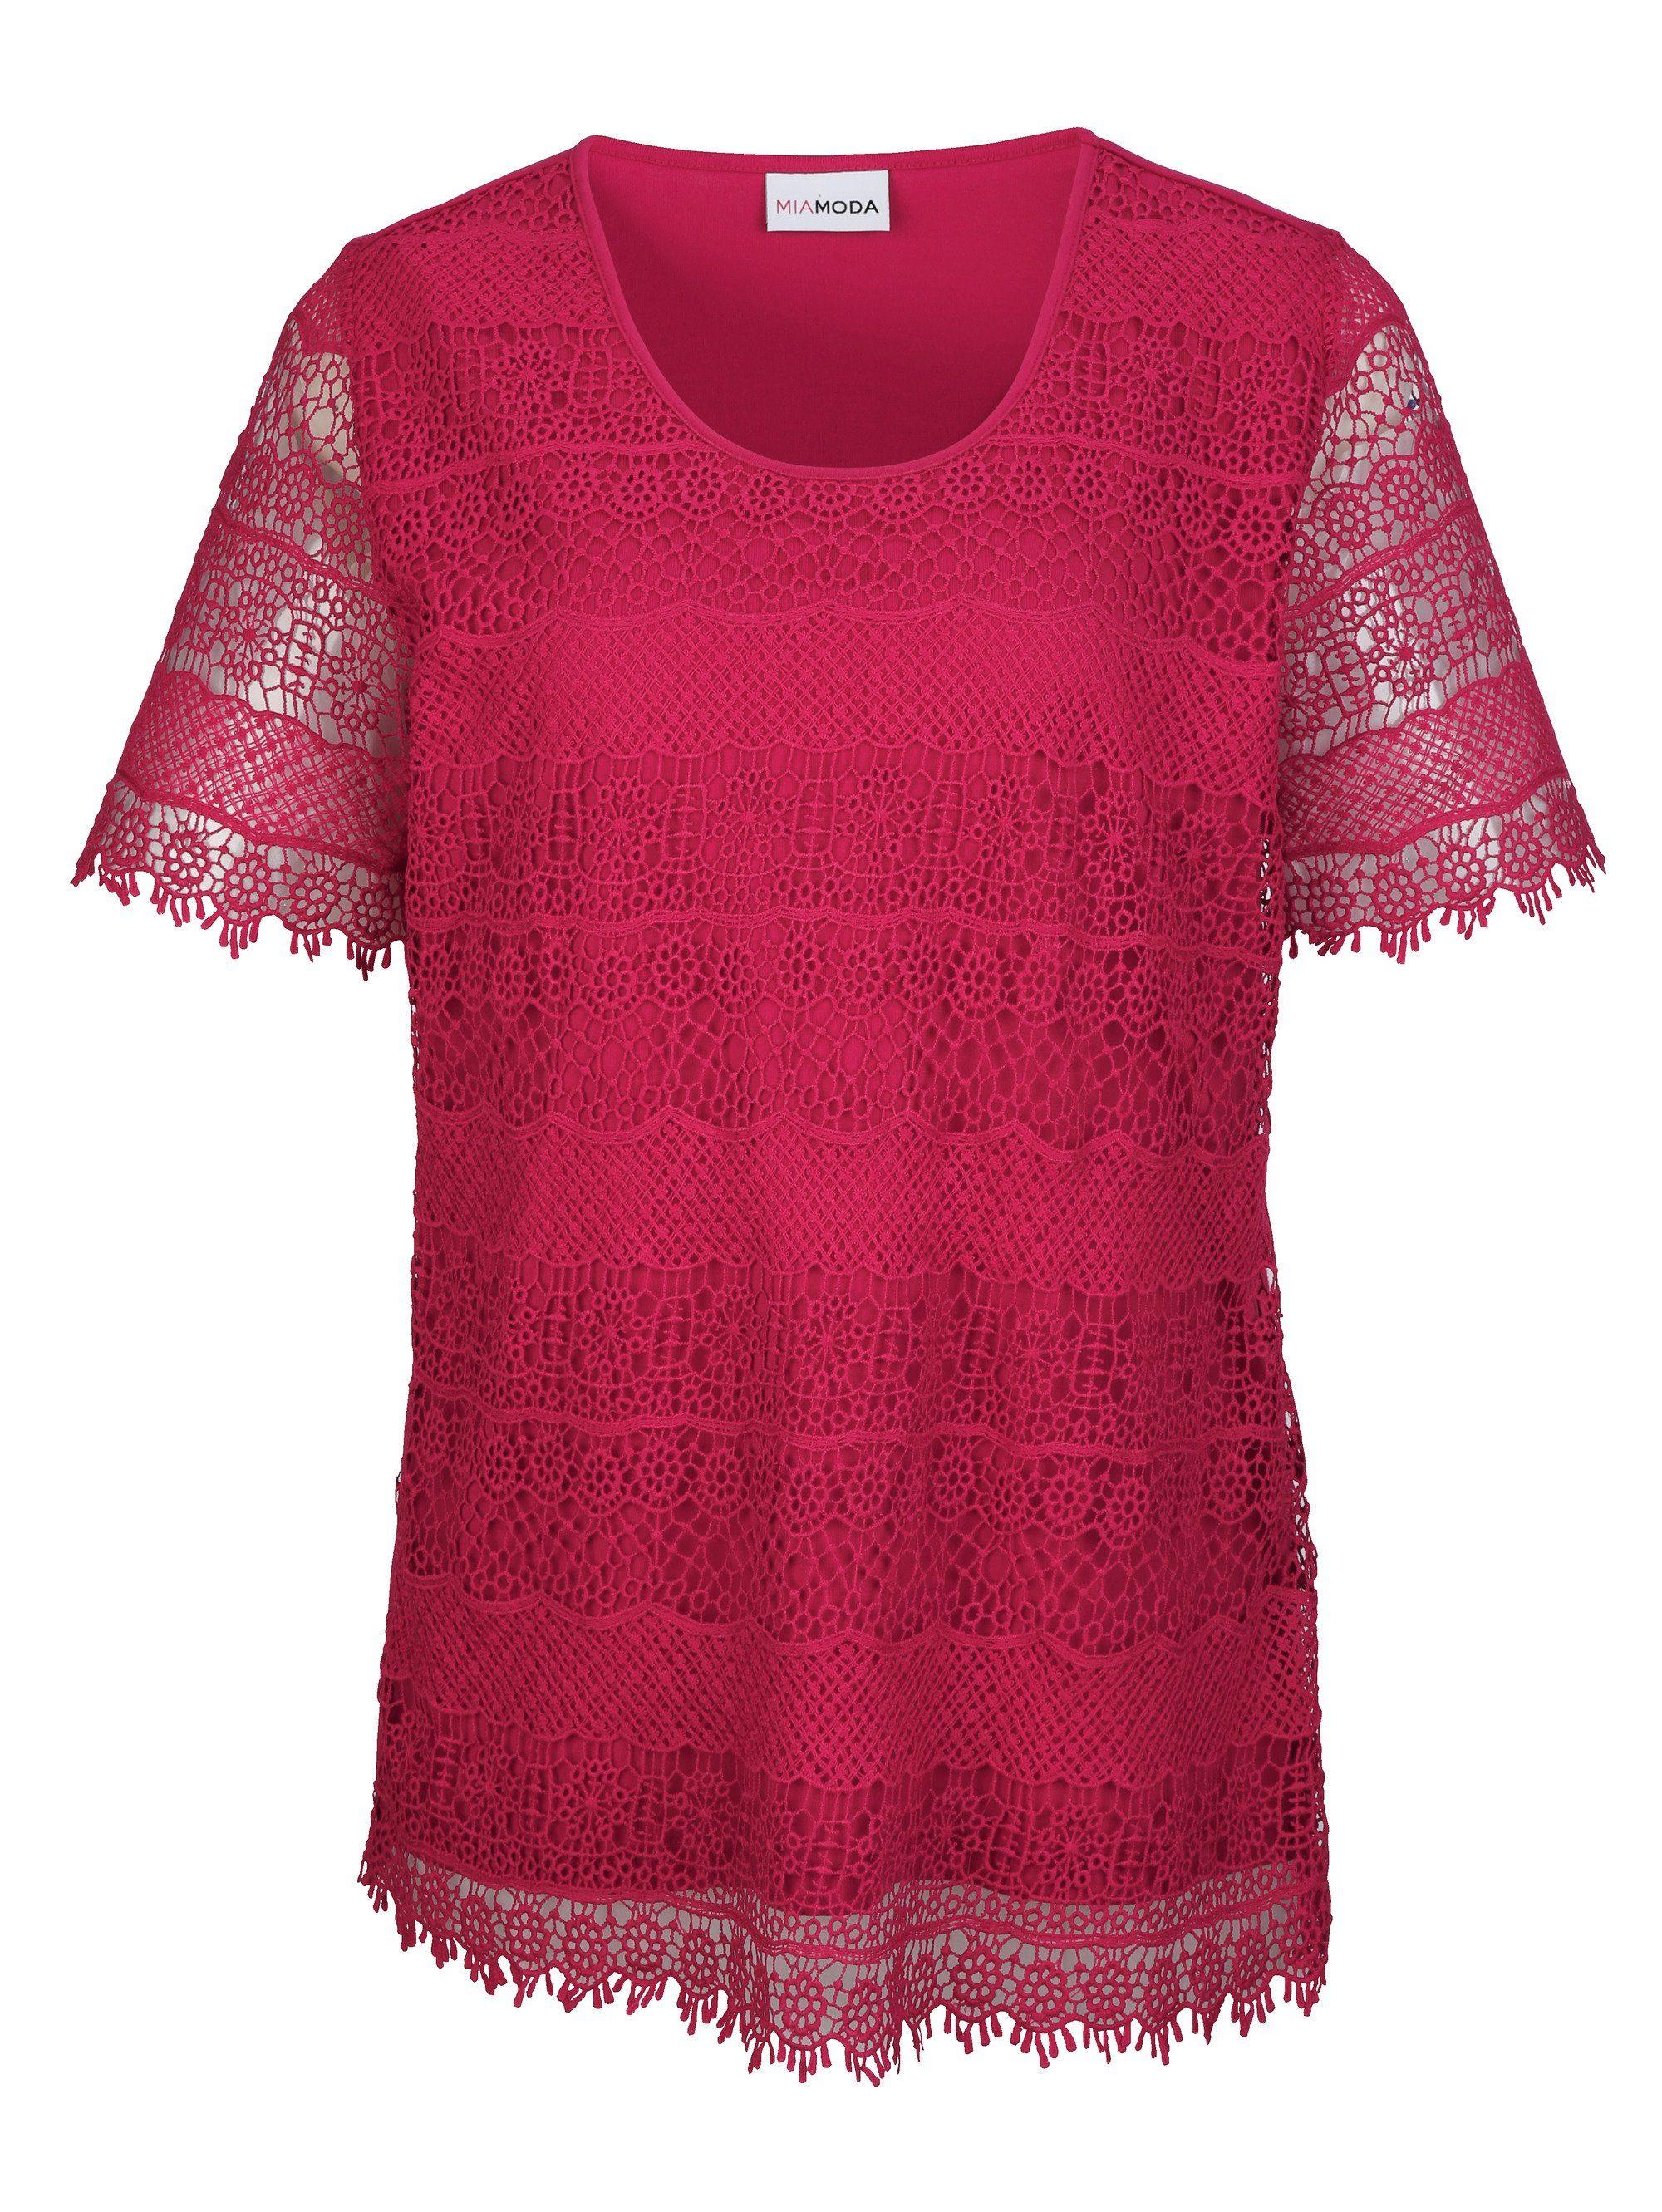 MIAMODA Spitzenshirt mit leicht transparenten Ärmeln | Bekleidung > Shirts > Spitzenshirts | Rosa | Ab - Baumwolle - Polyester | Miamoda